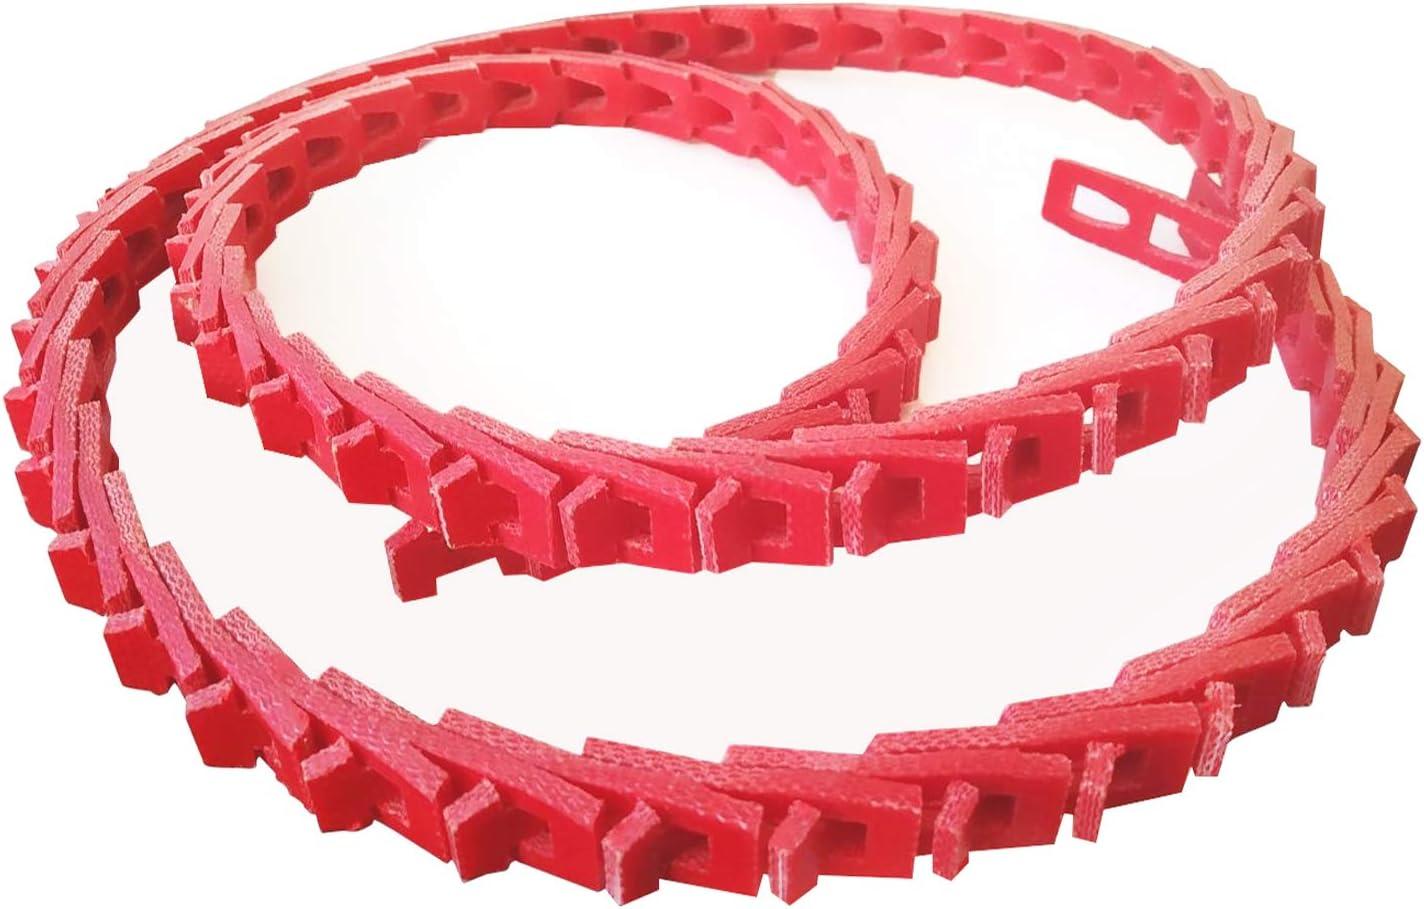 Link belt, adjustable drive belt, twist v belt 1/2 inch x 4 foot